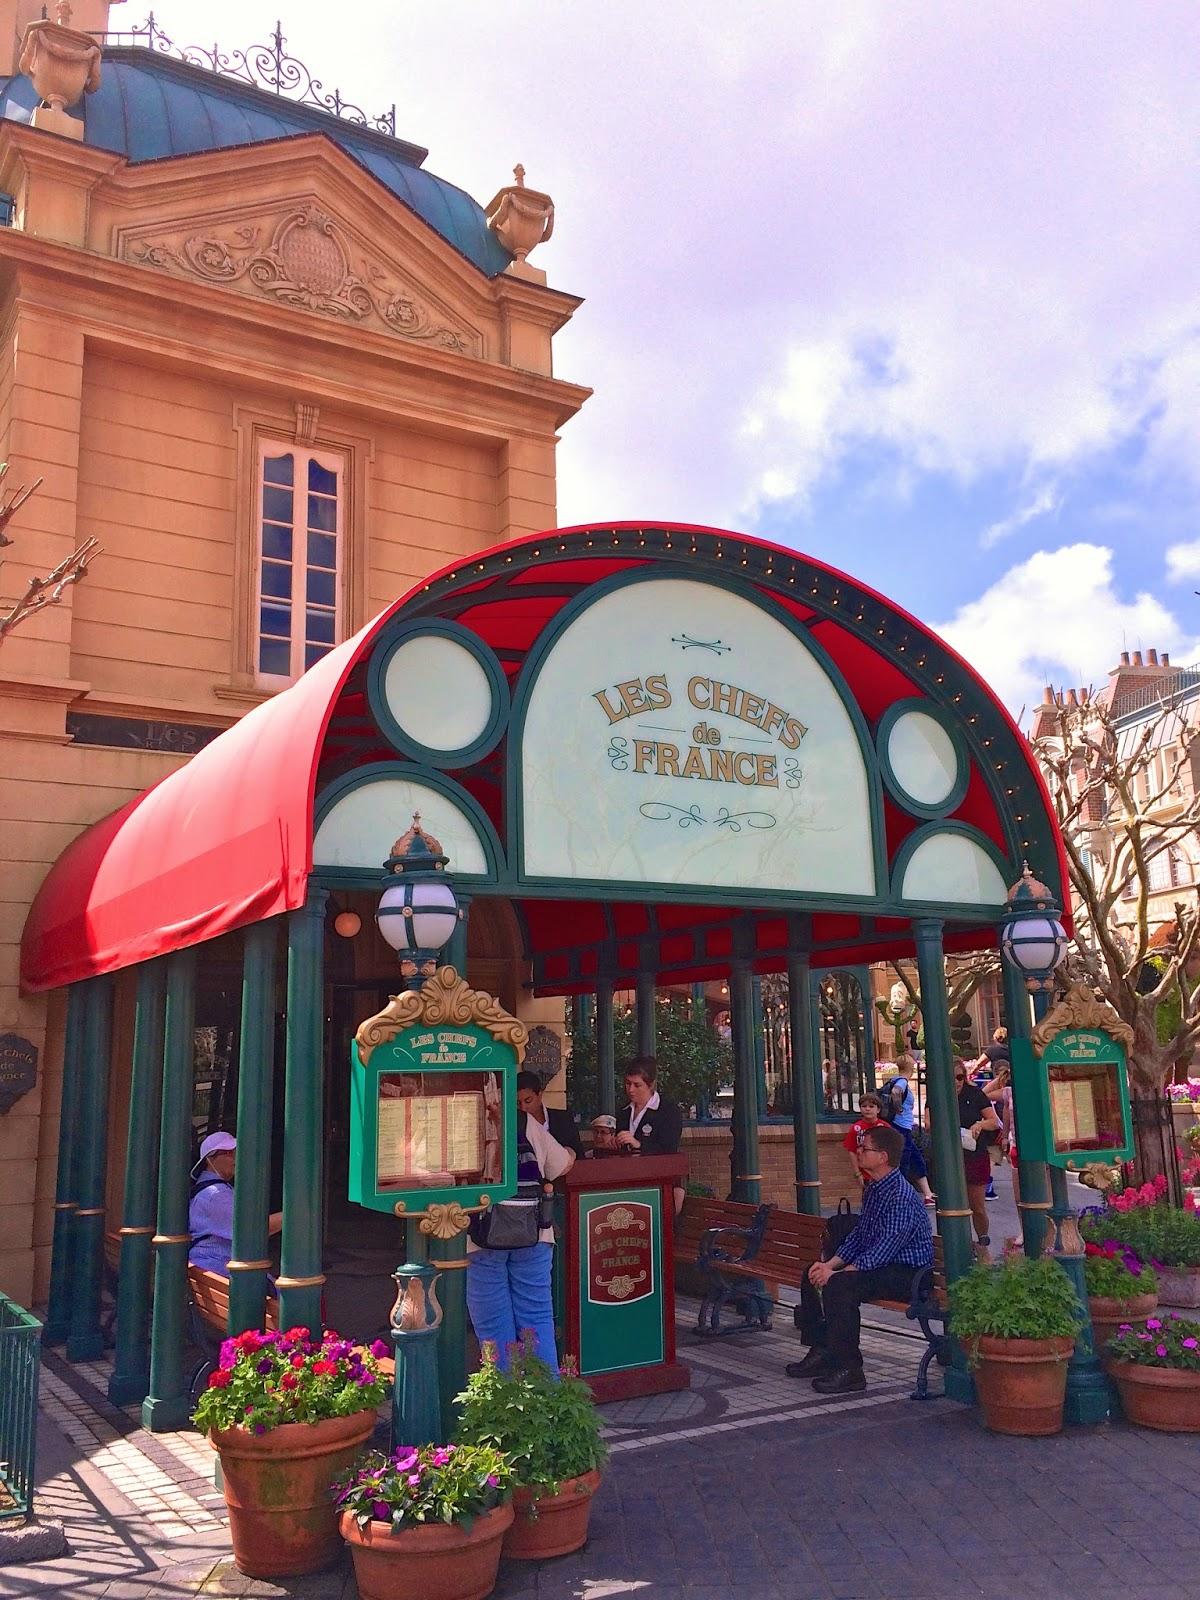 Les Chefs De France - Epcot - Walt Disney World